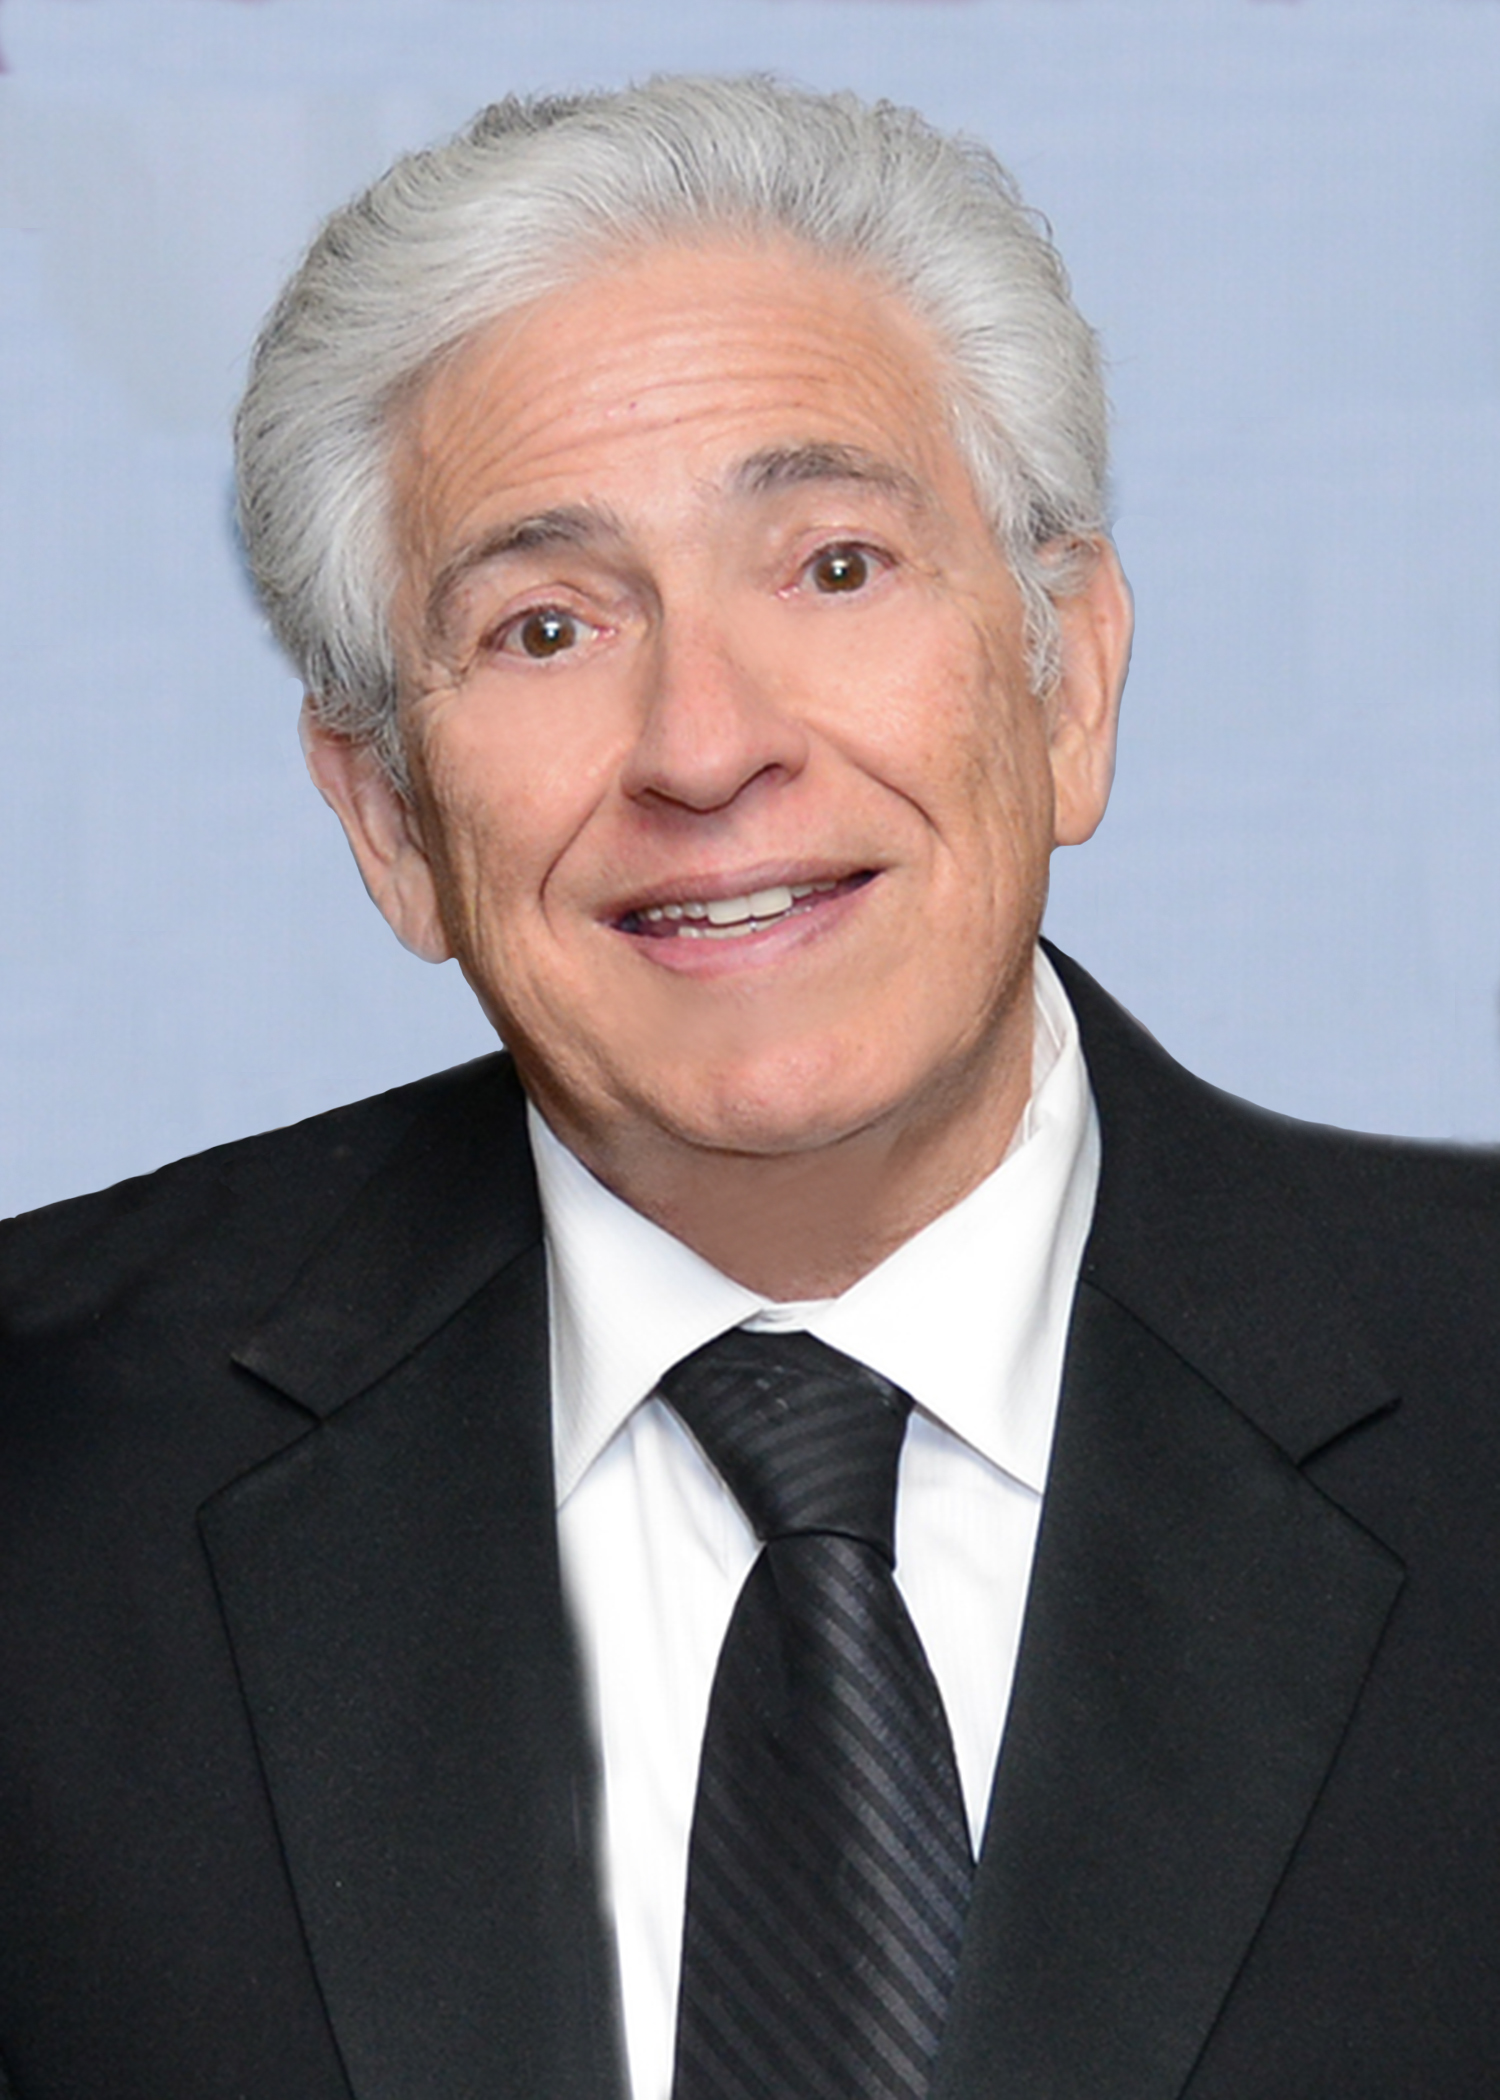 Steven Rosenfeld